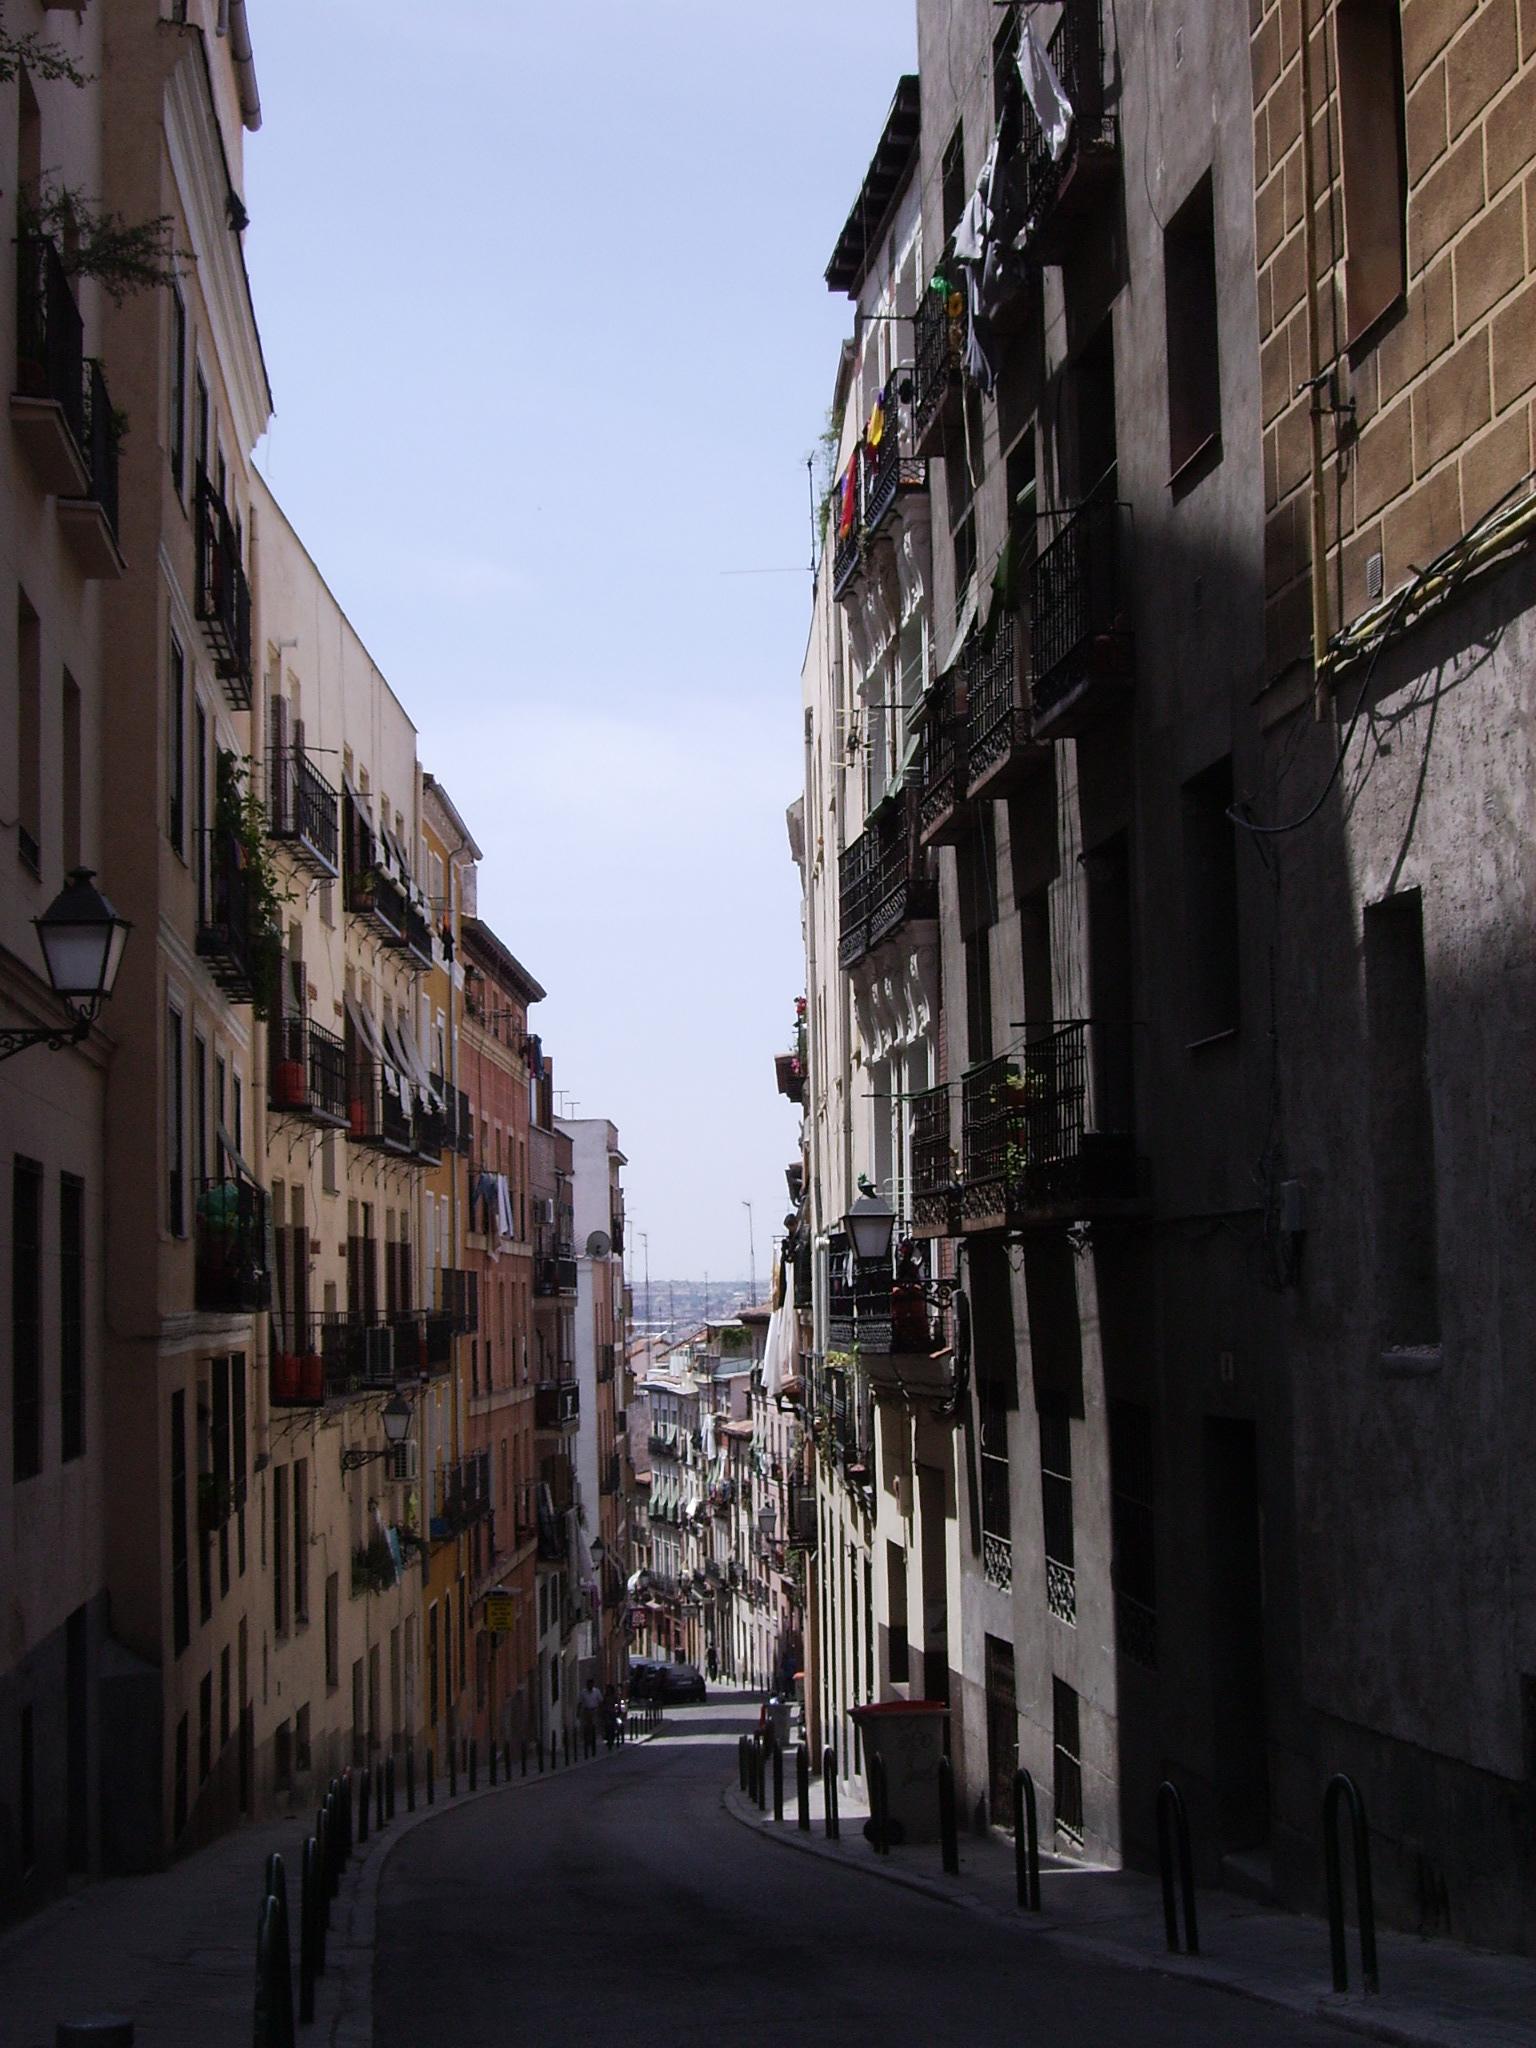 Vista de la Calle del Ave Maria